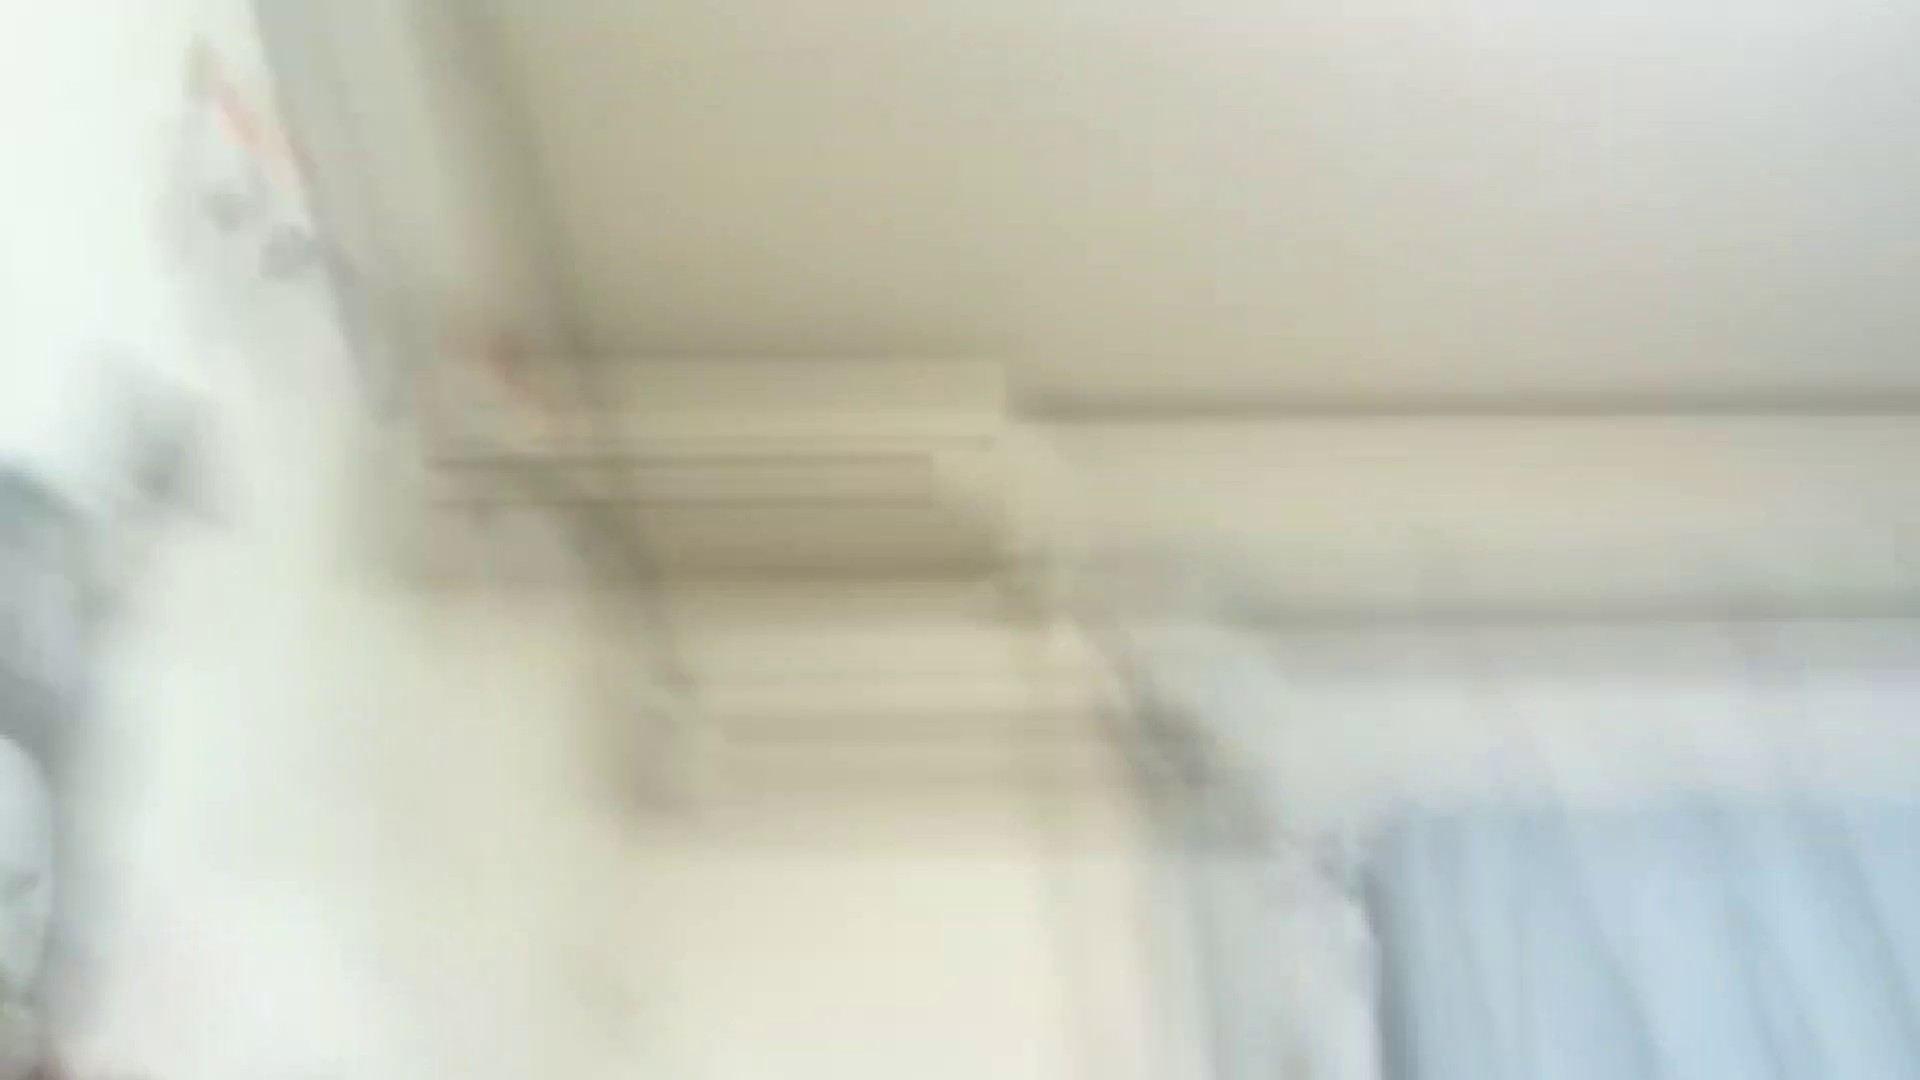 隠し撮りイケメンオナニーピーピング03 隠し撮り放出 | 茶髪  57画像 13